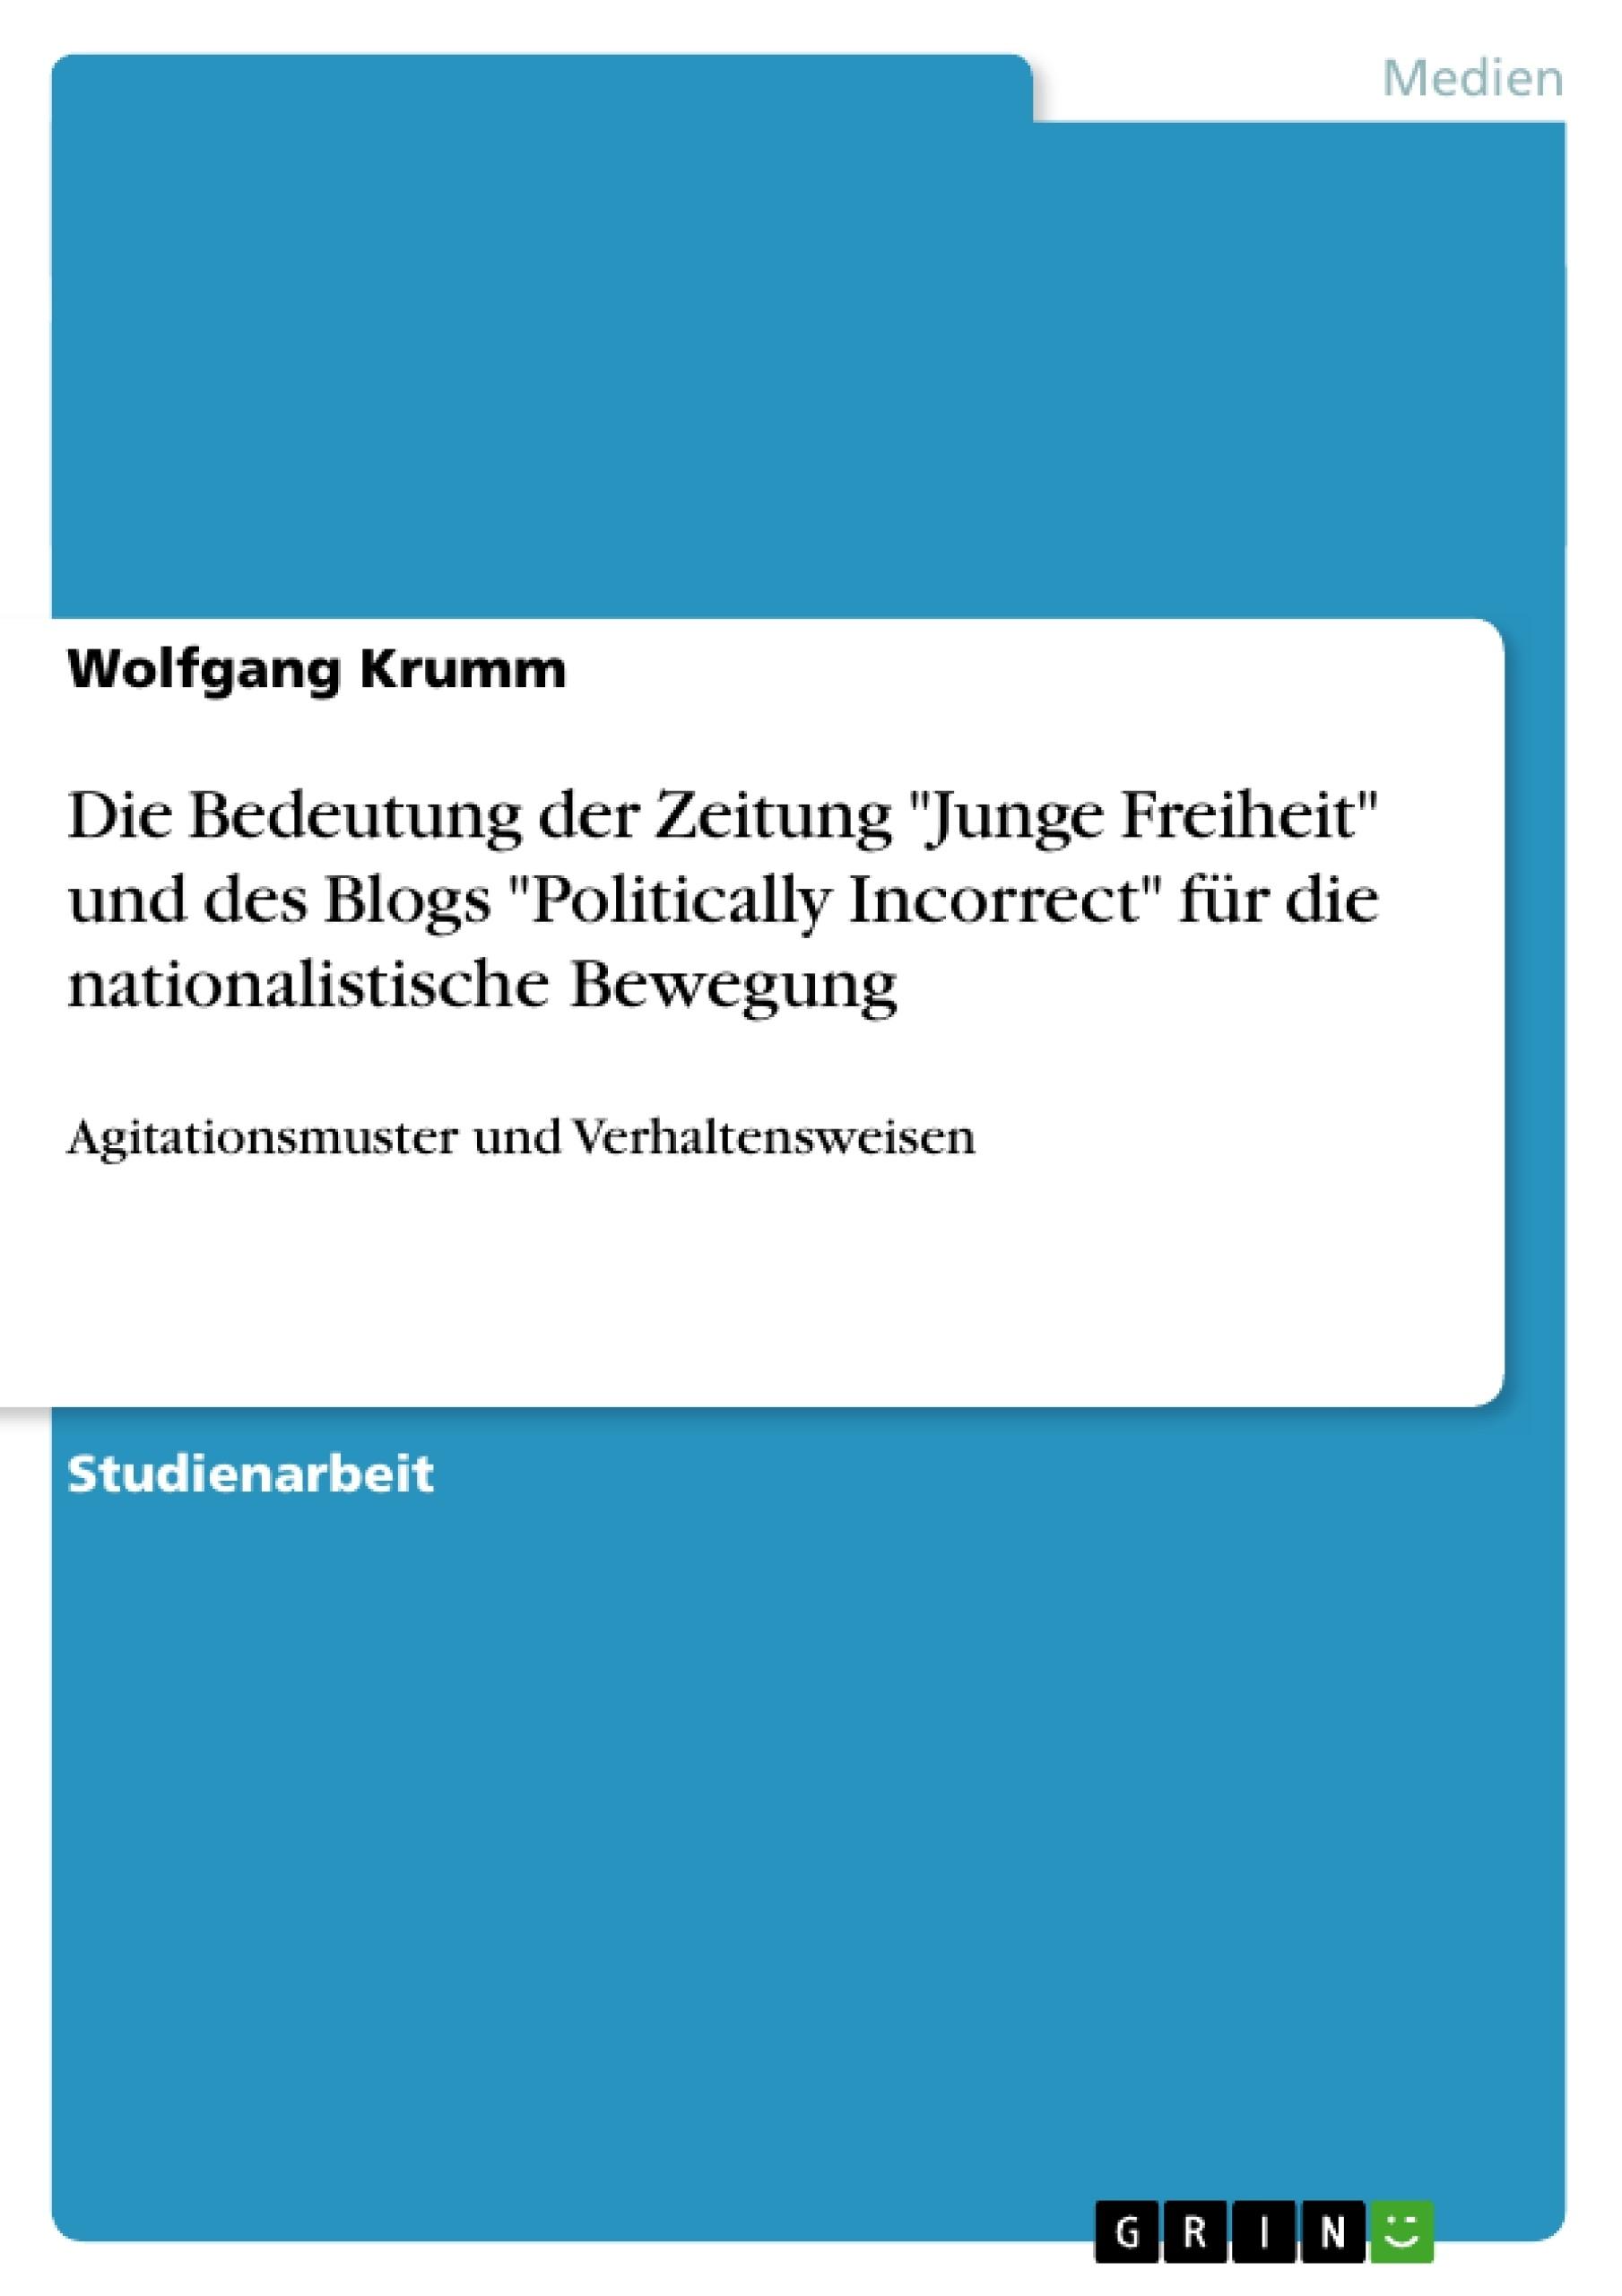 """Titel: Die Bedeutung der Zeitung """"Junge Freiheit"""" und des Blogs """"Politically Incorrect"""" für die nationalistische Bewegung"""